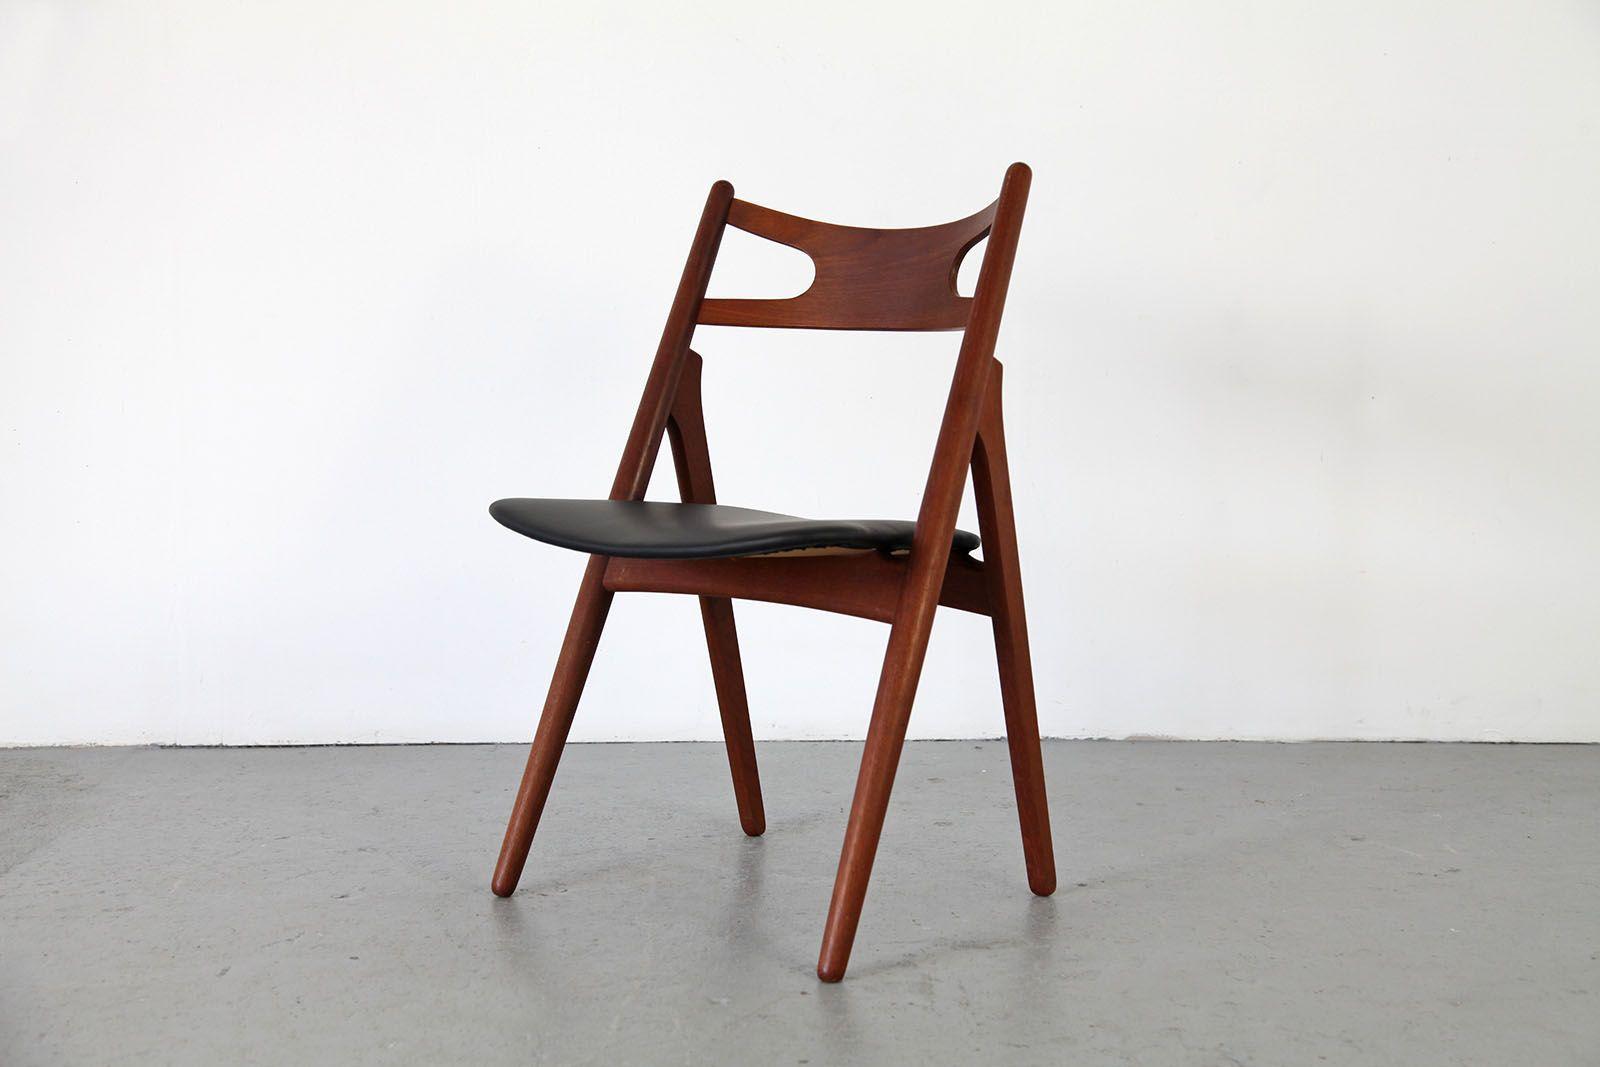 savbuckstolen stuhl ch 29 von hans j wegner f r carl hansen s n bei pamono kaufen. Black Bedroom Furniture Sets. Home Design Ideas